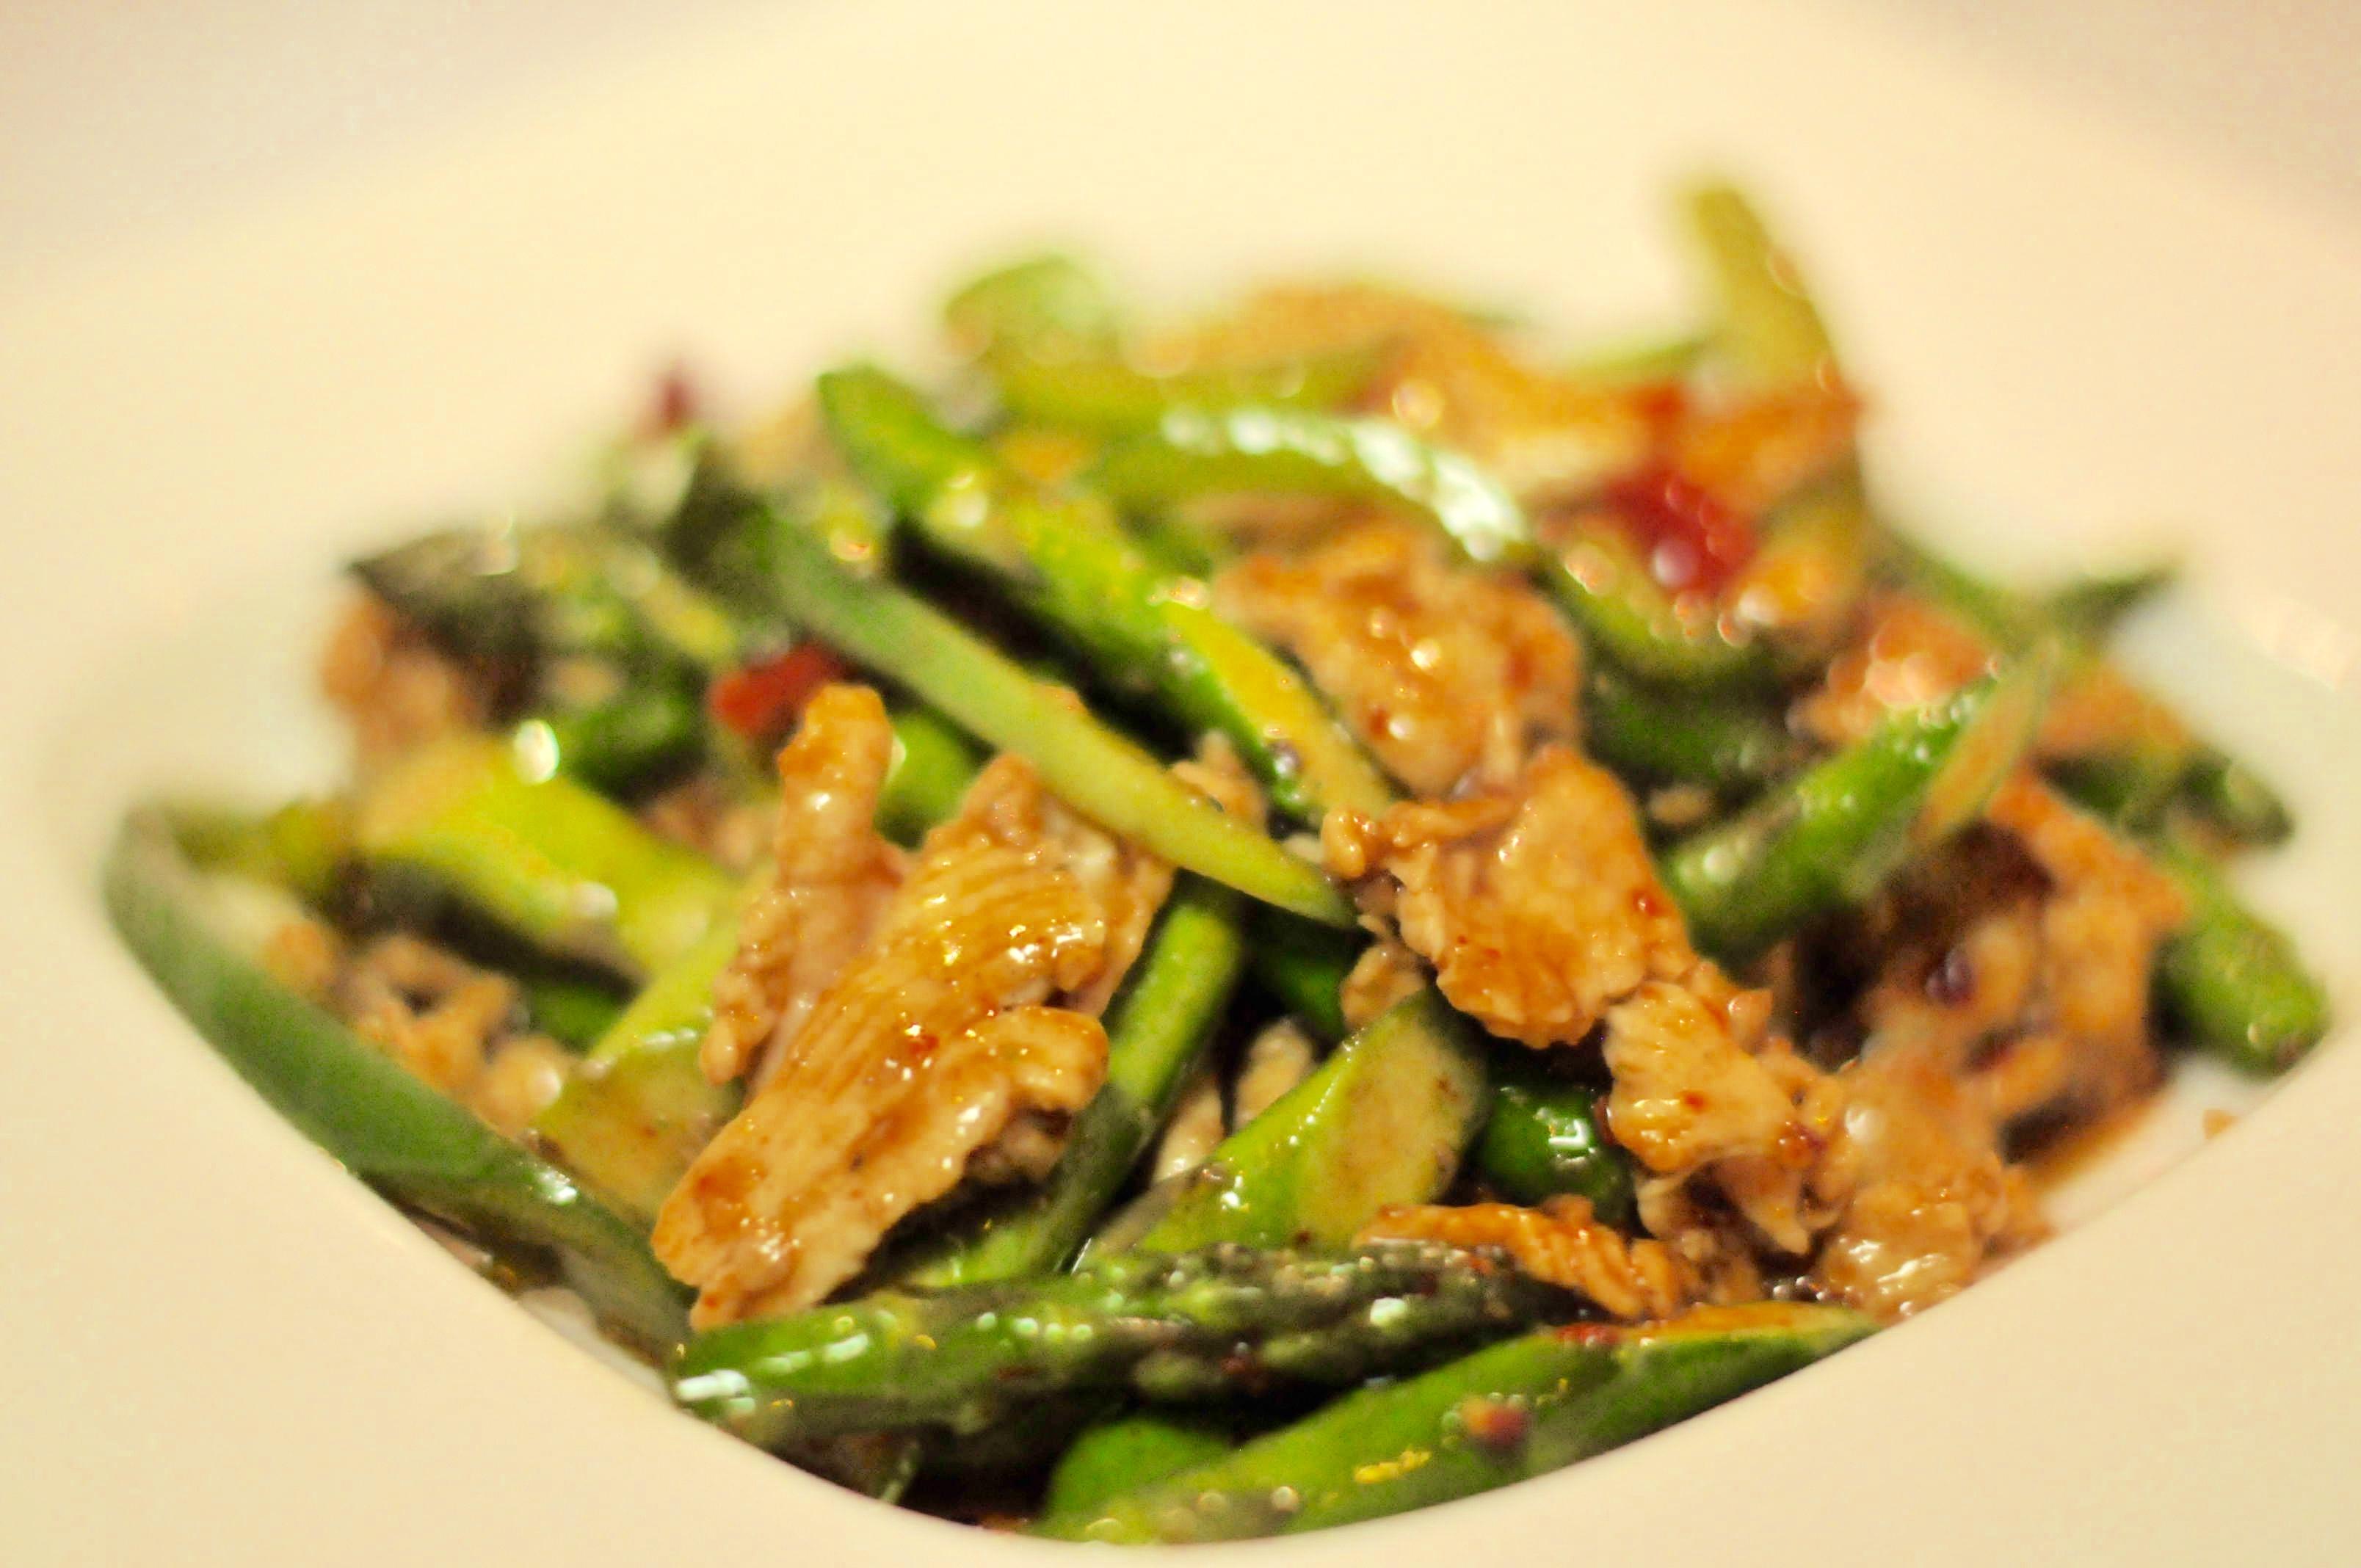 Frisco's Asparagus Image